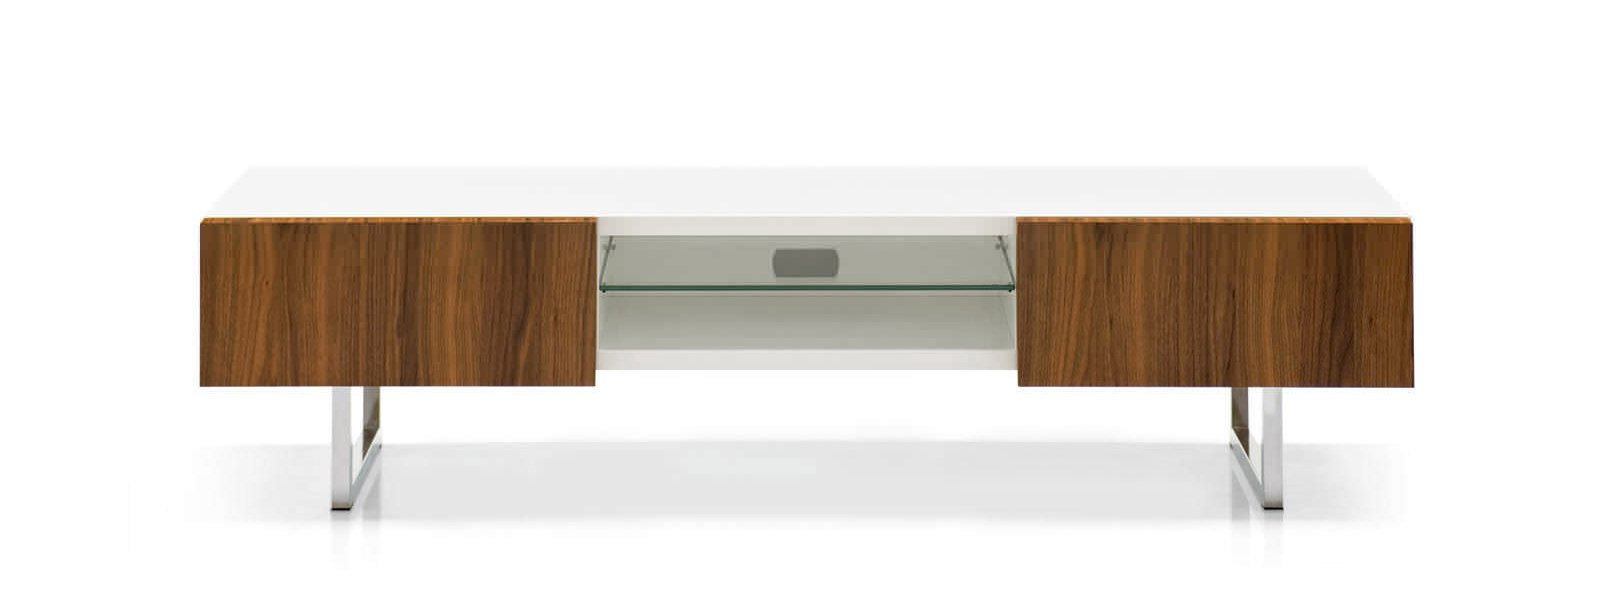 Portatv in diversi materiali stili dimensioni cose di casa - Mobili porta tv meliconi ...